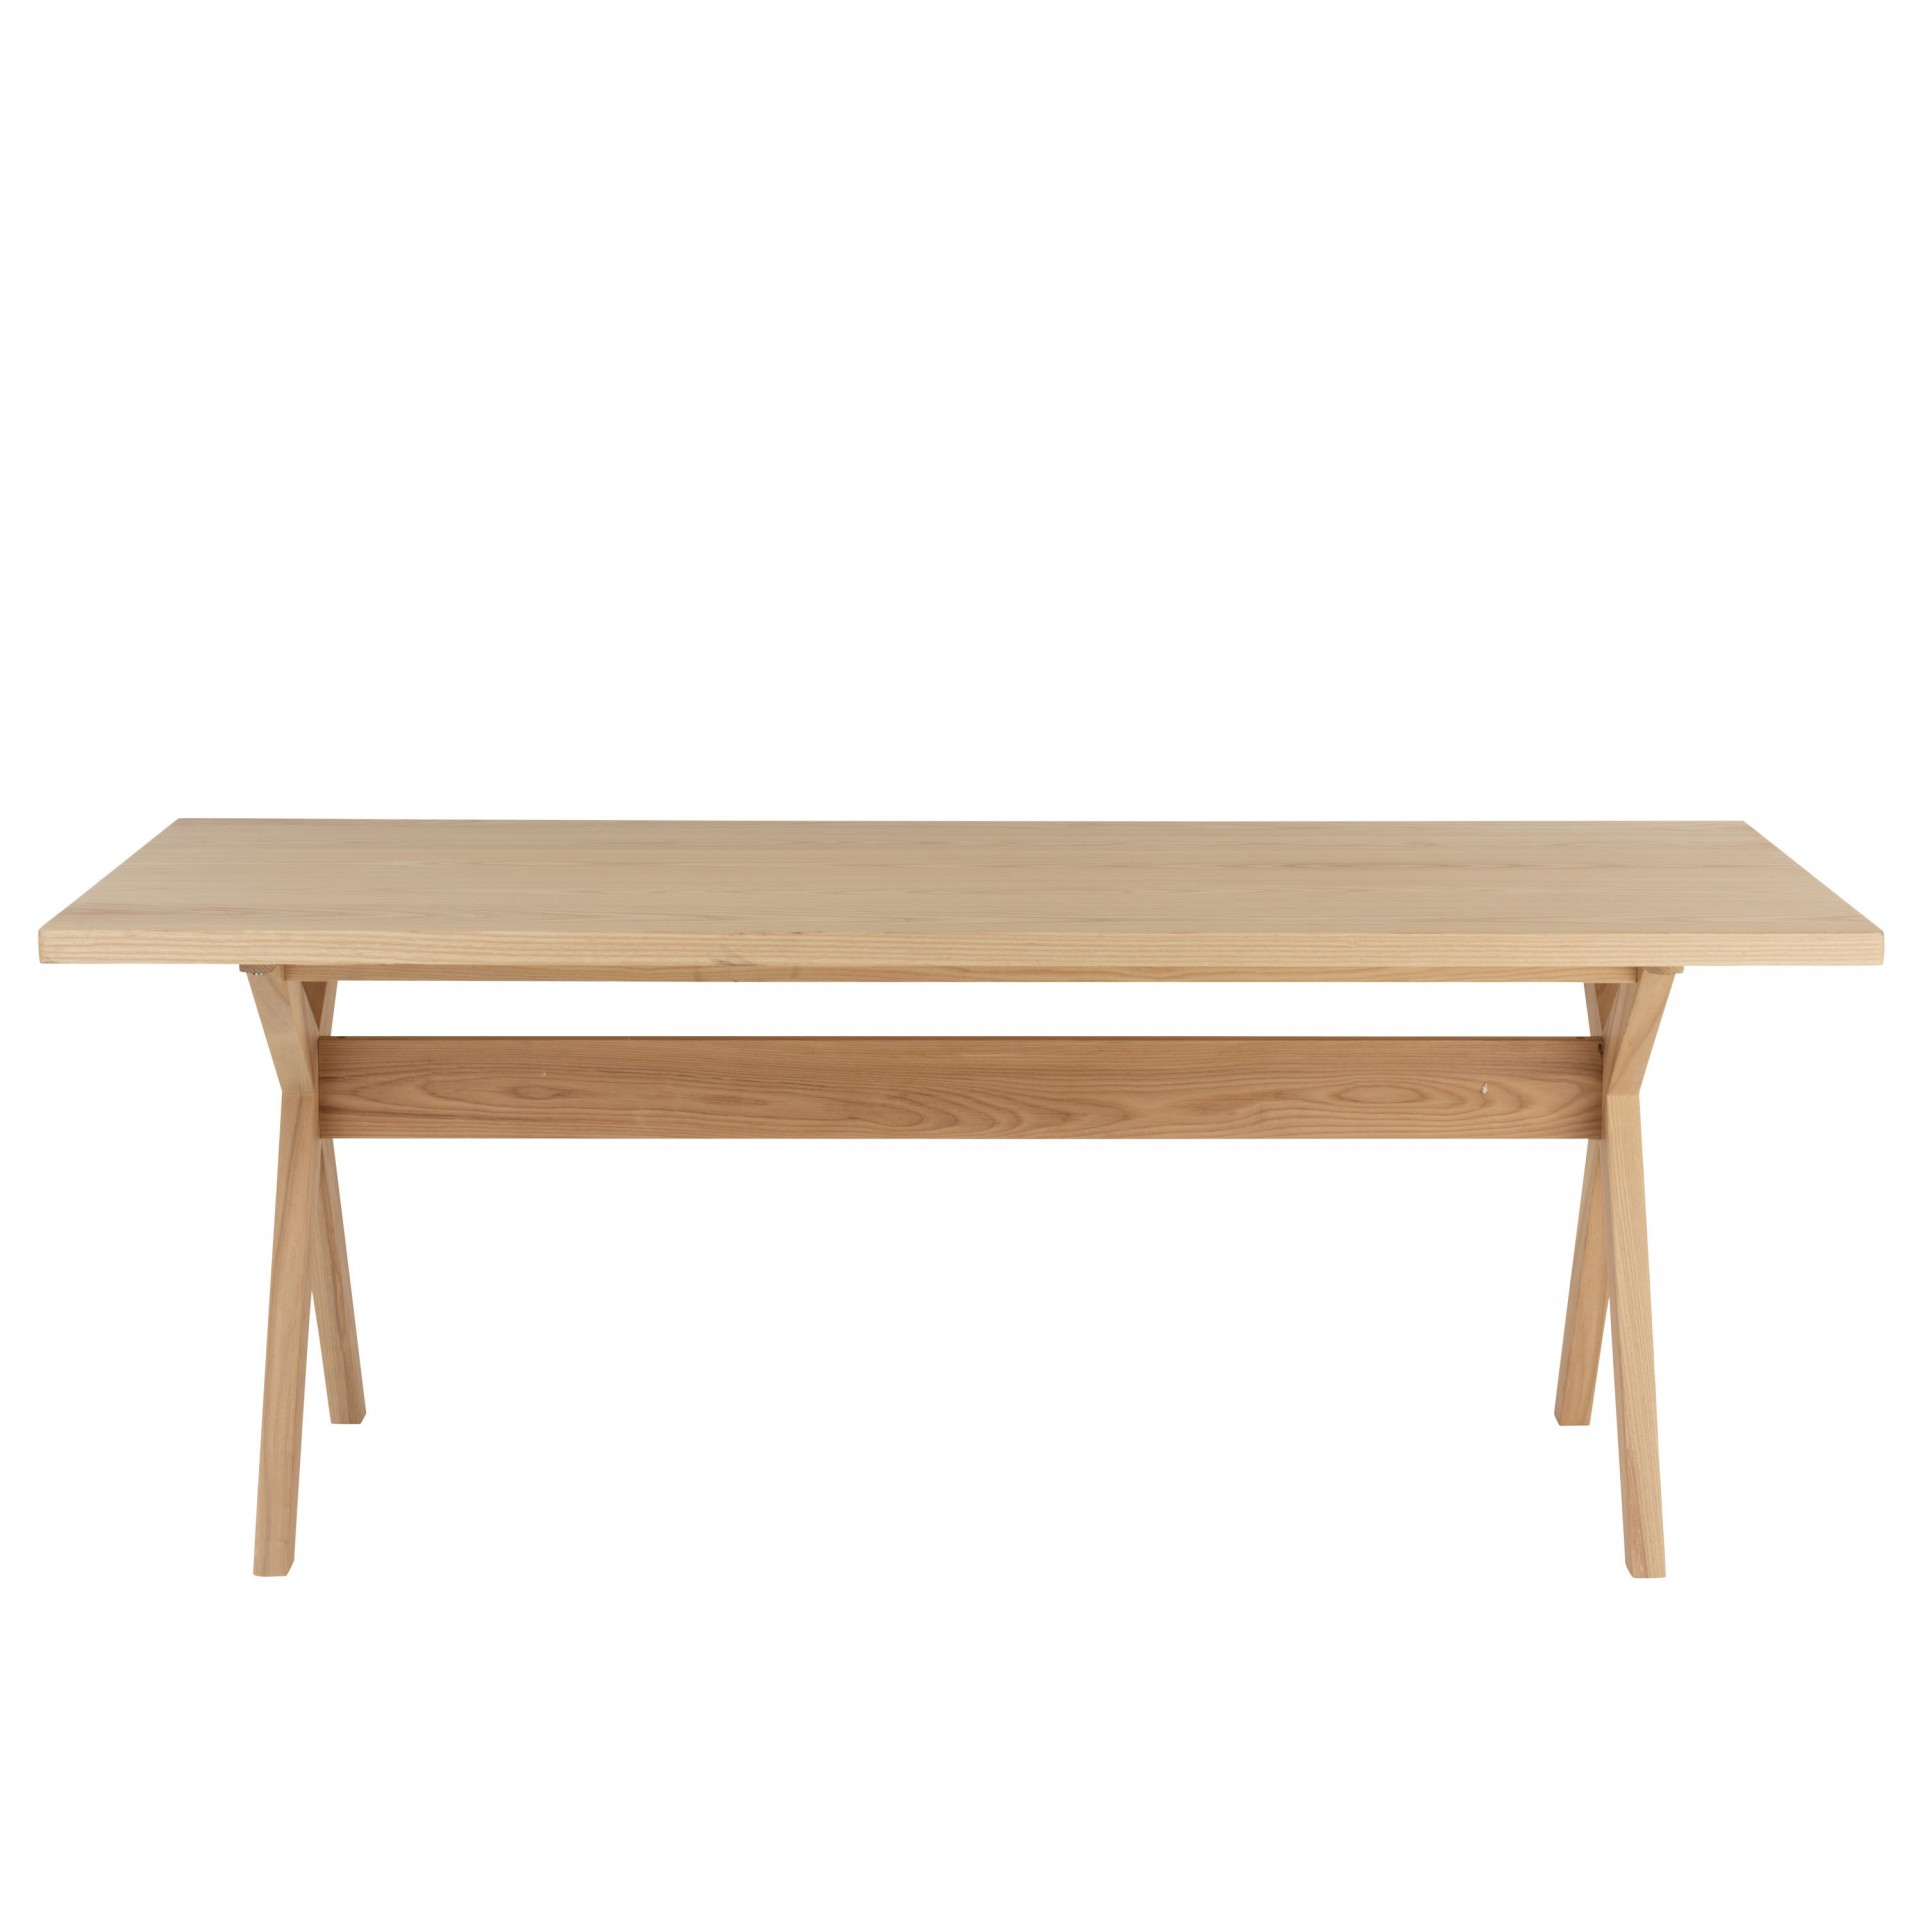 Mesa de jantar Scandi, madeira de pinho, 200x90